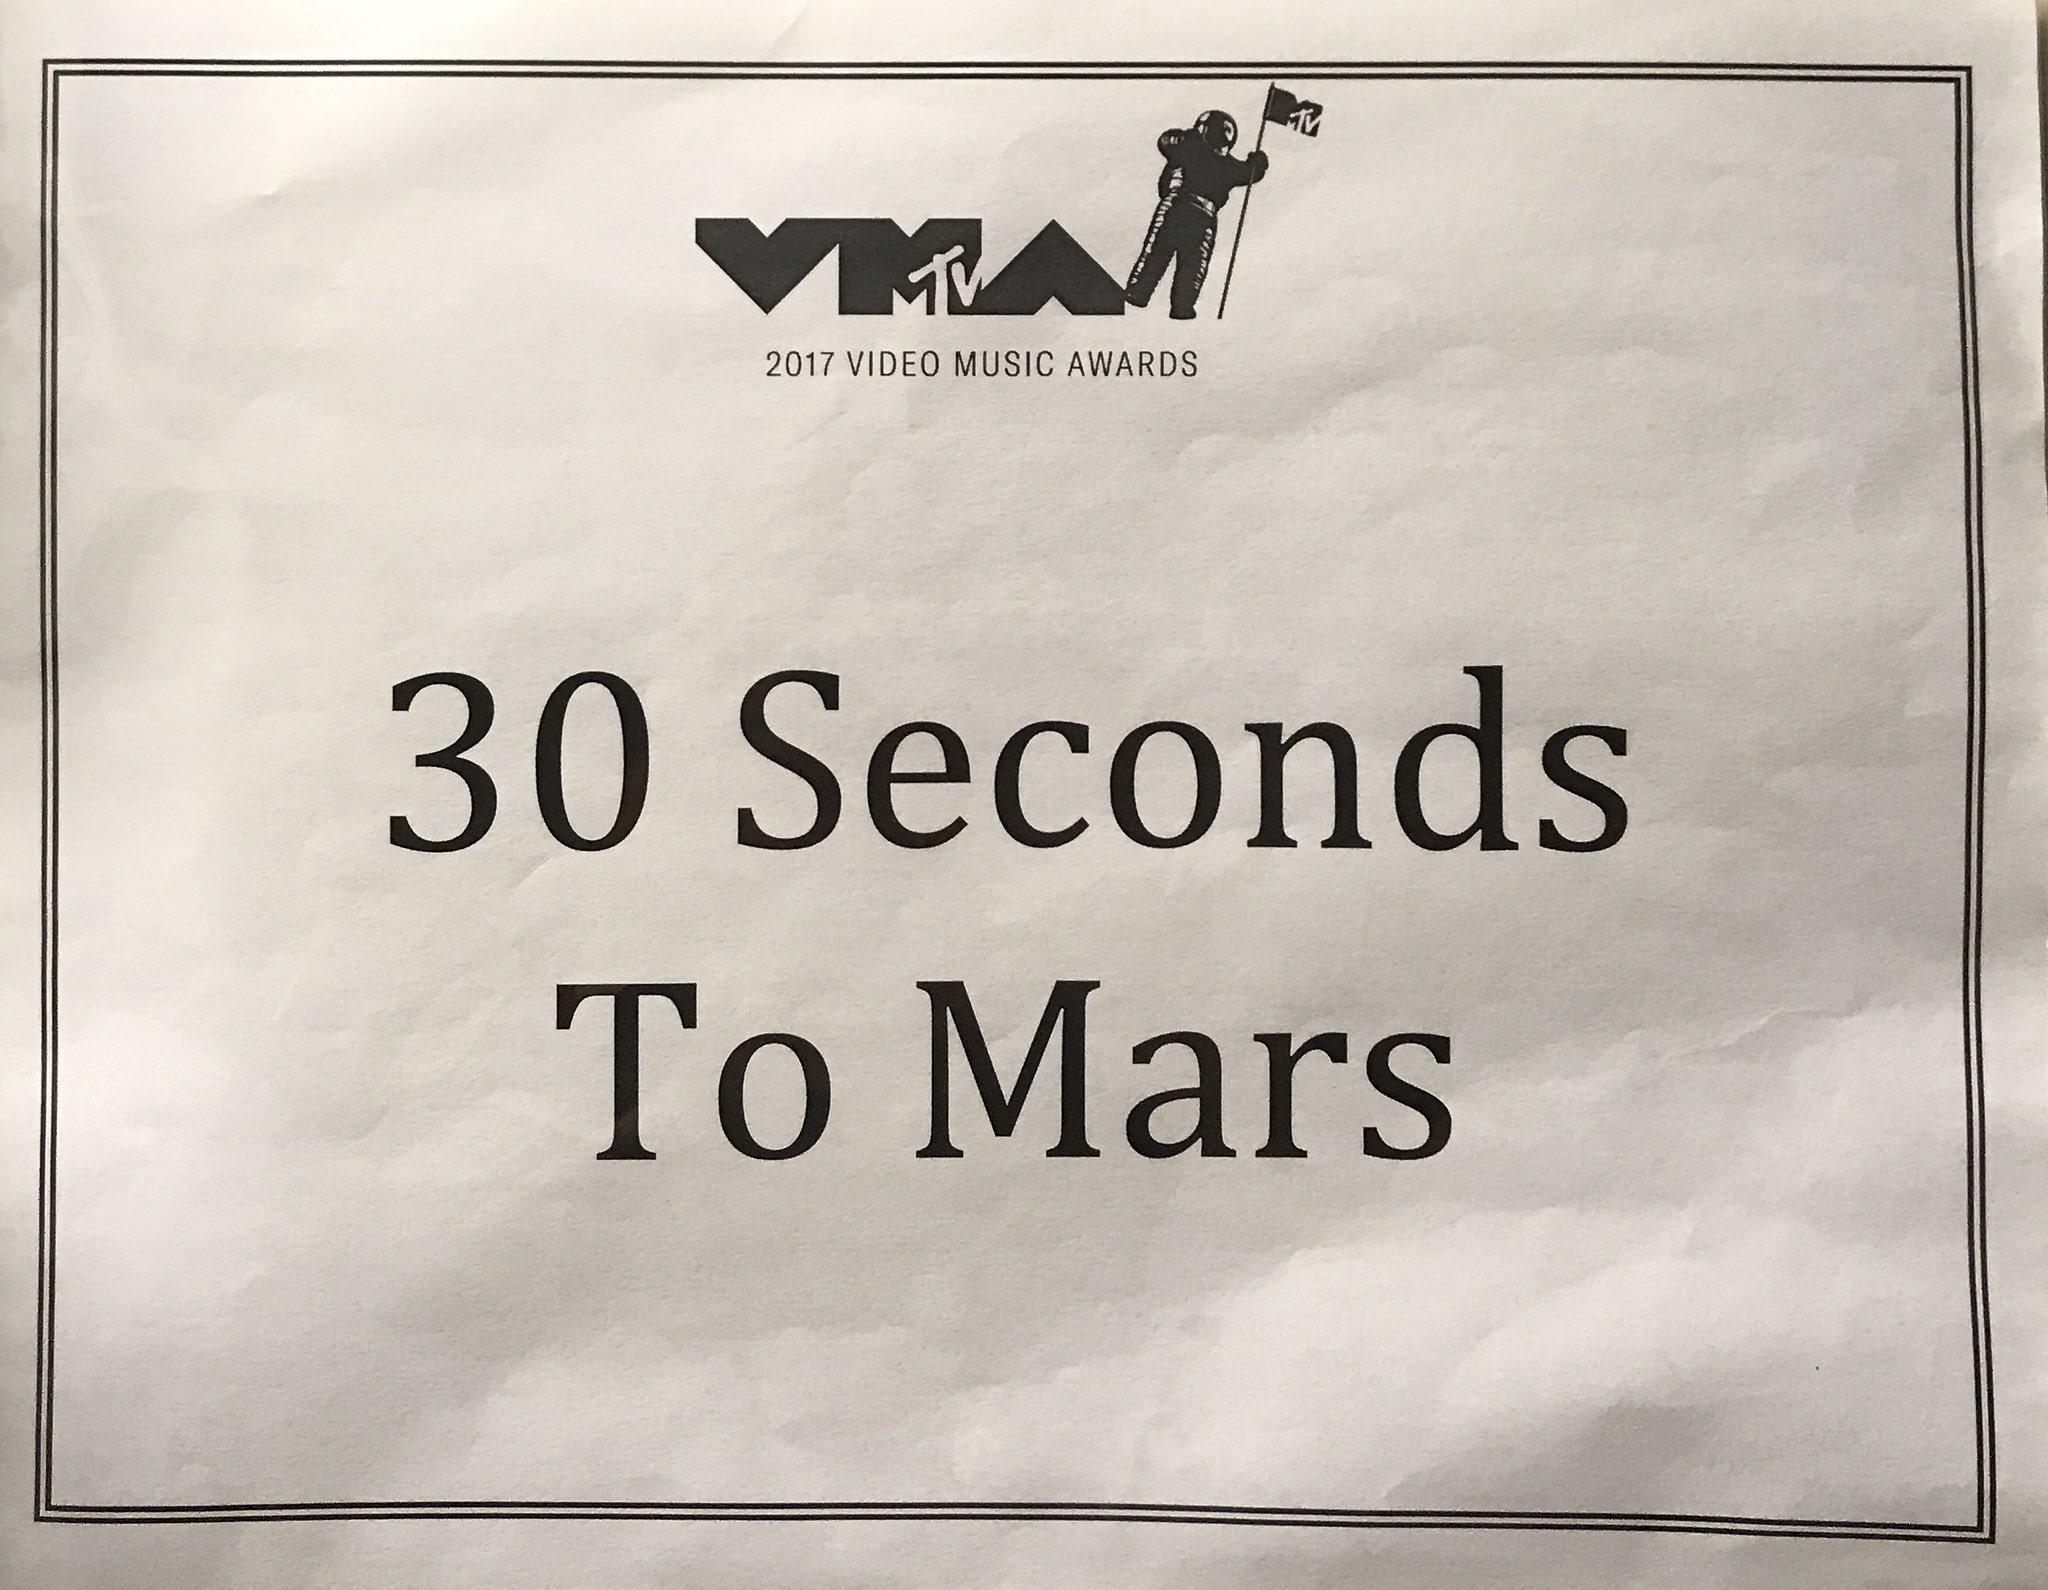 Hey #VMAs we have arrived! ��#MarsOnVMAs https://t.co/rLBJieUJ4n